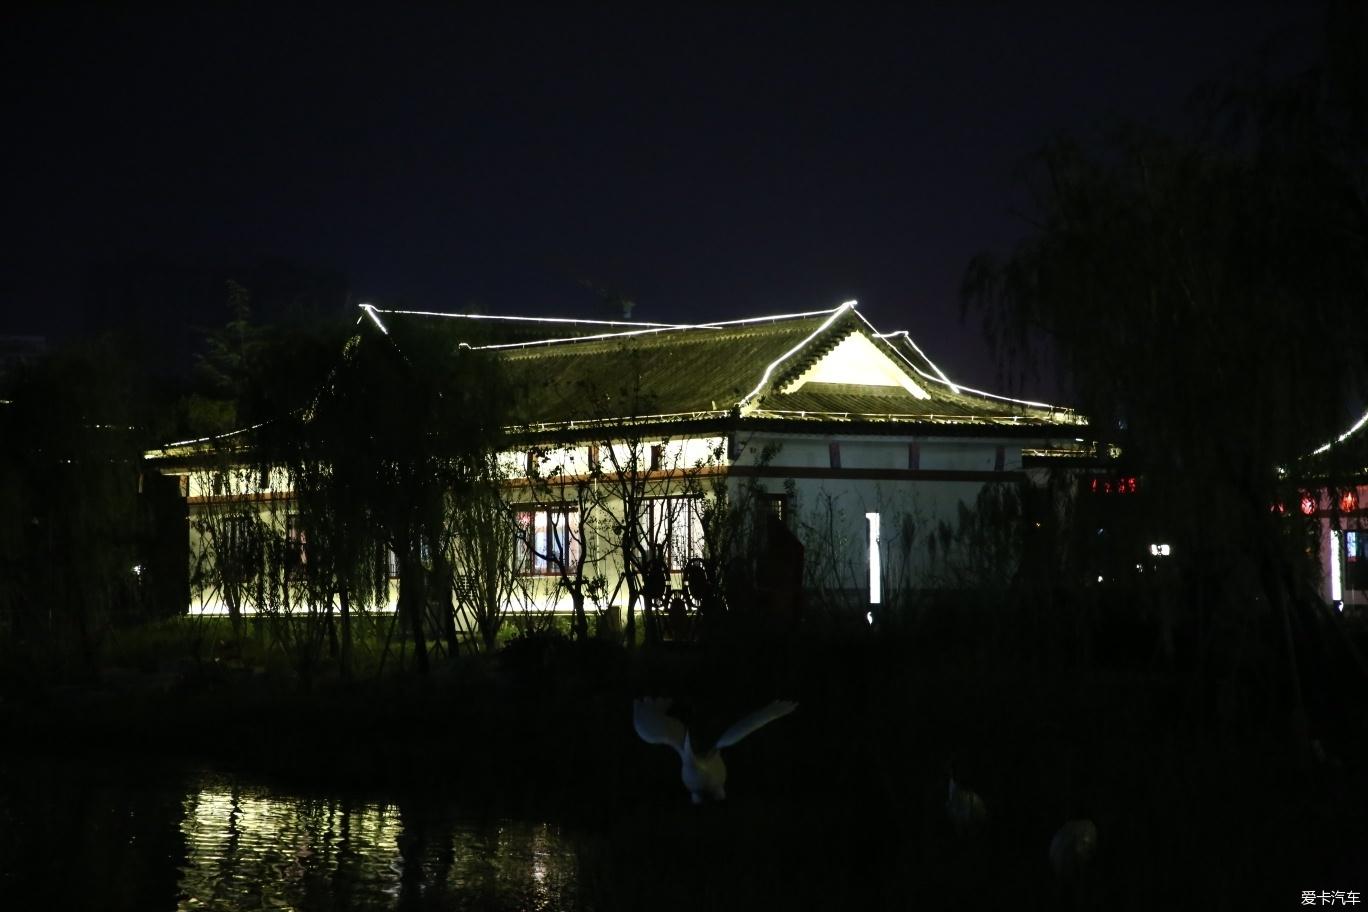 家乡的千鹤湖公园